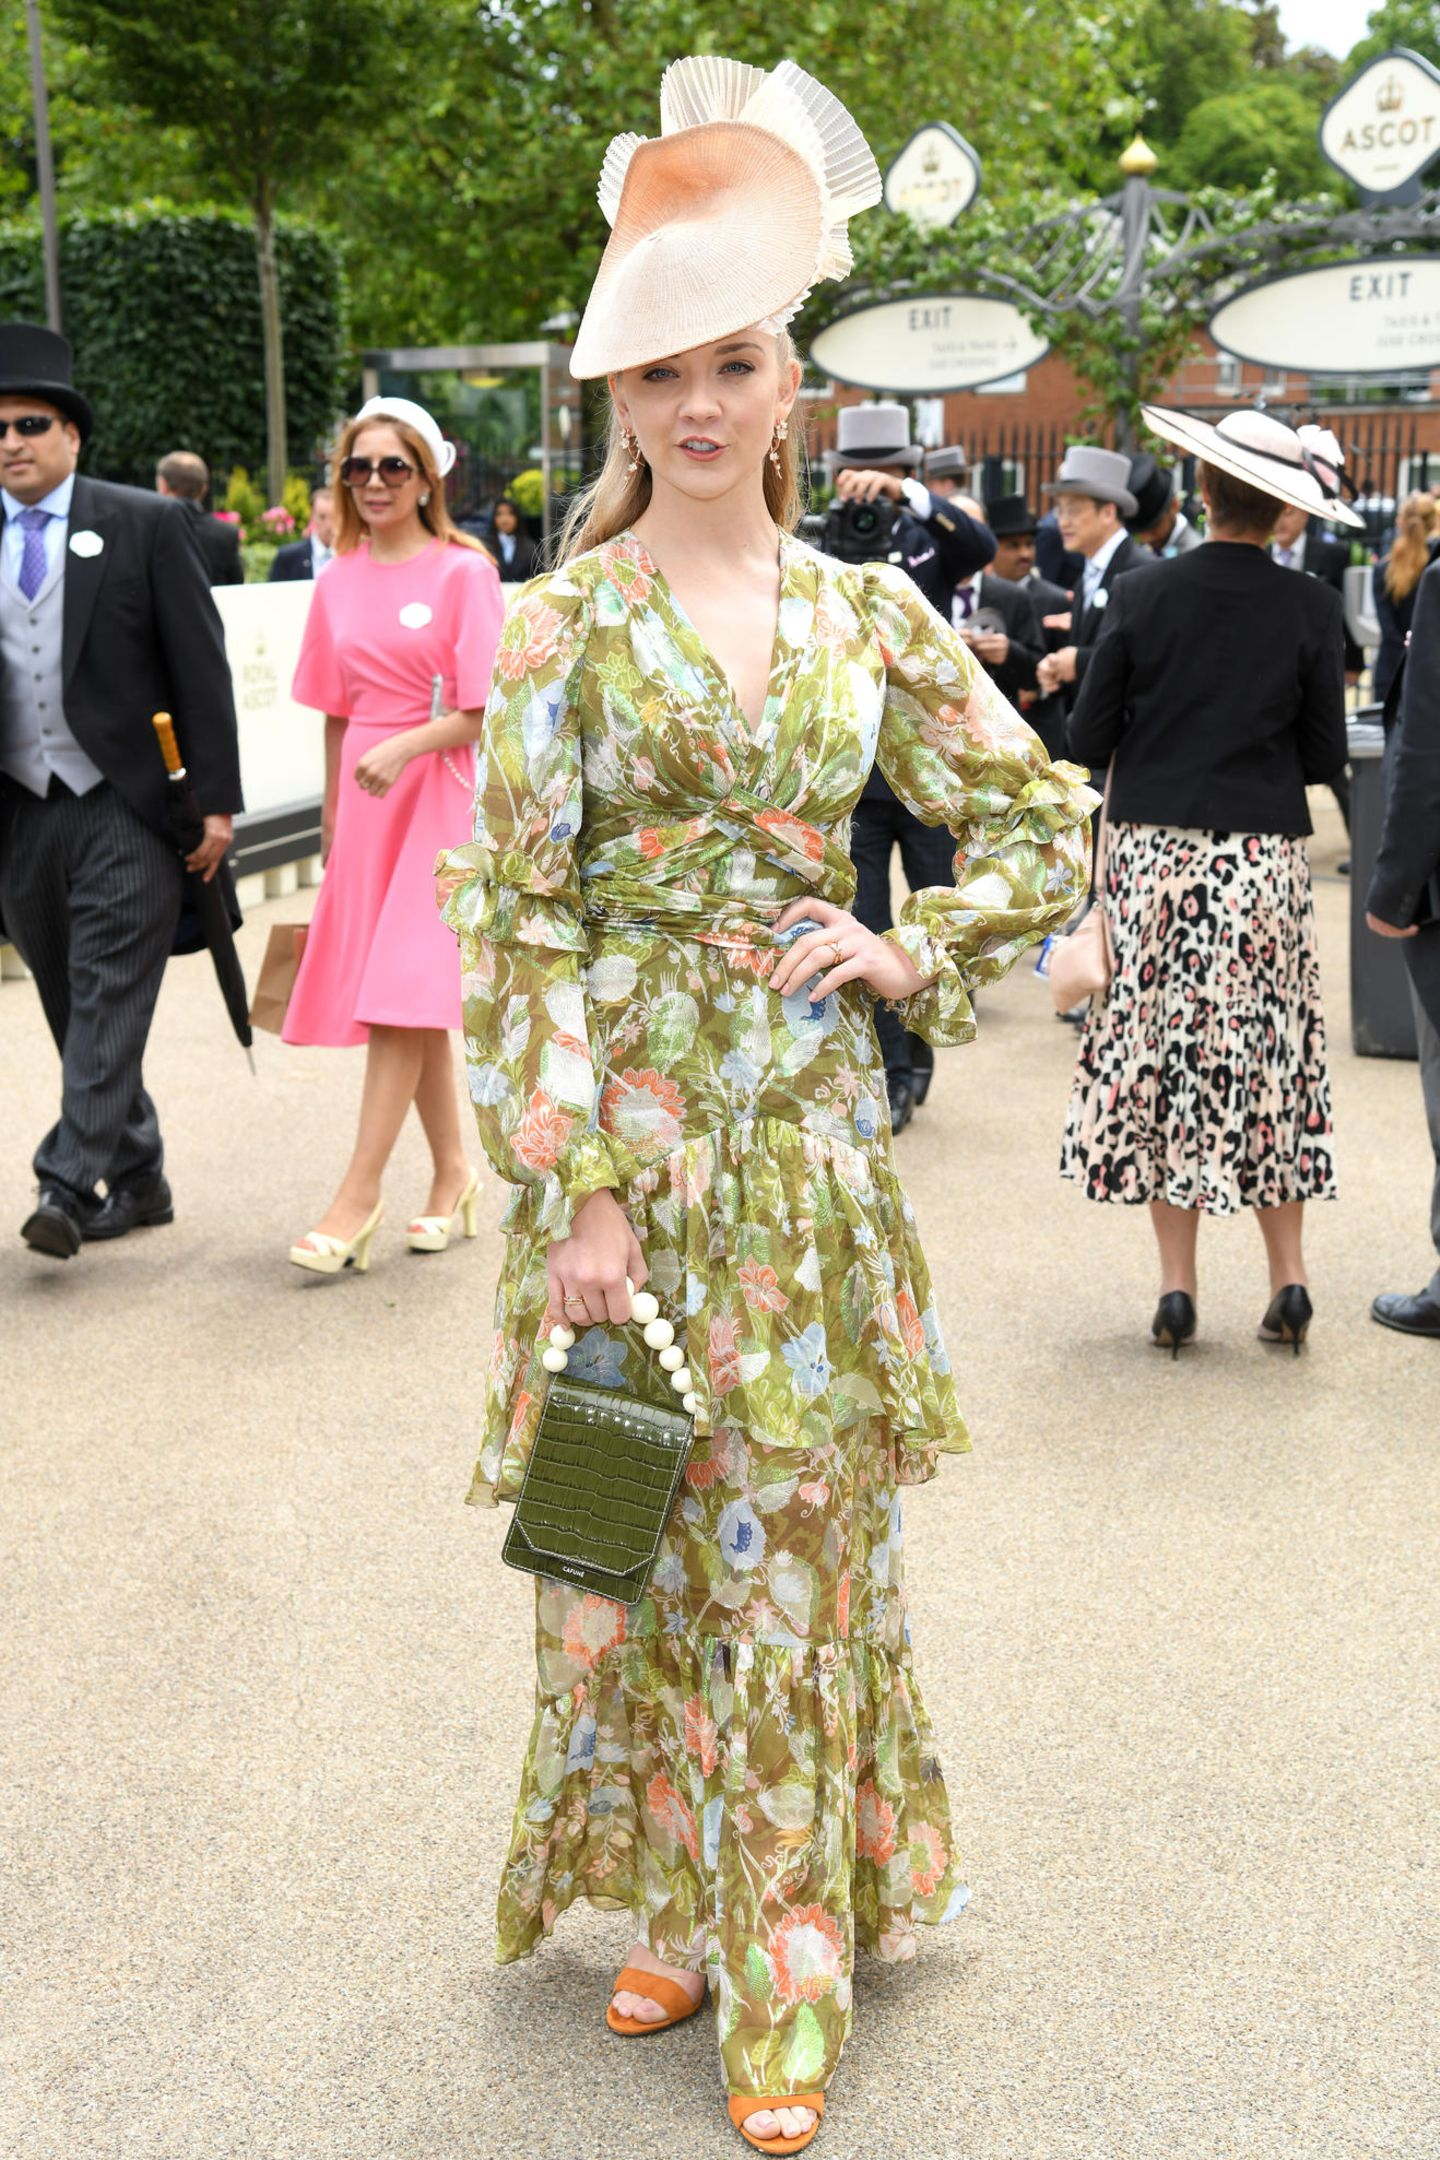 """Natalie Dormer versprüht frühlingshaften Charme. In einem bodenlangen Blumenkleid mit Volants macht der Star aus """"Game of Thrones"""" eine tolle Figur."""